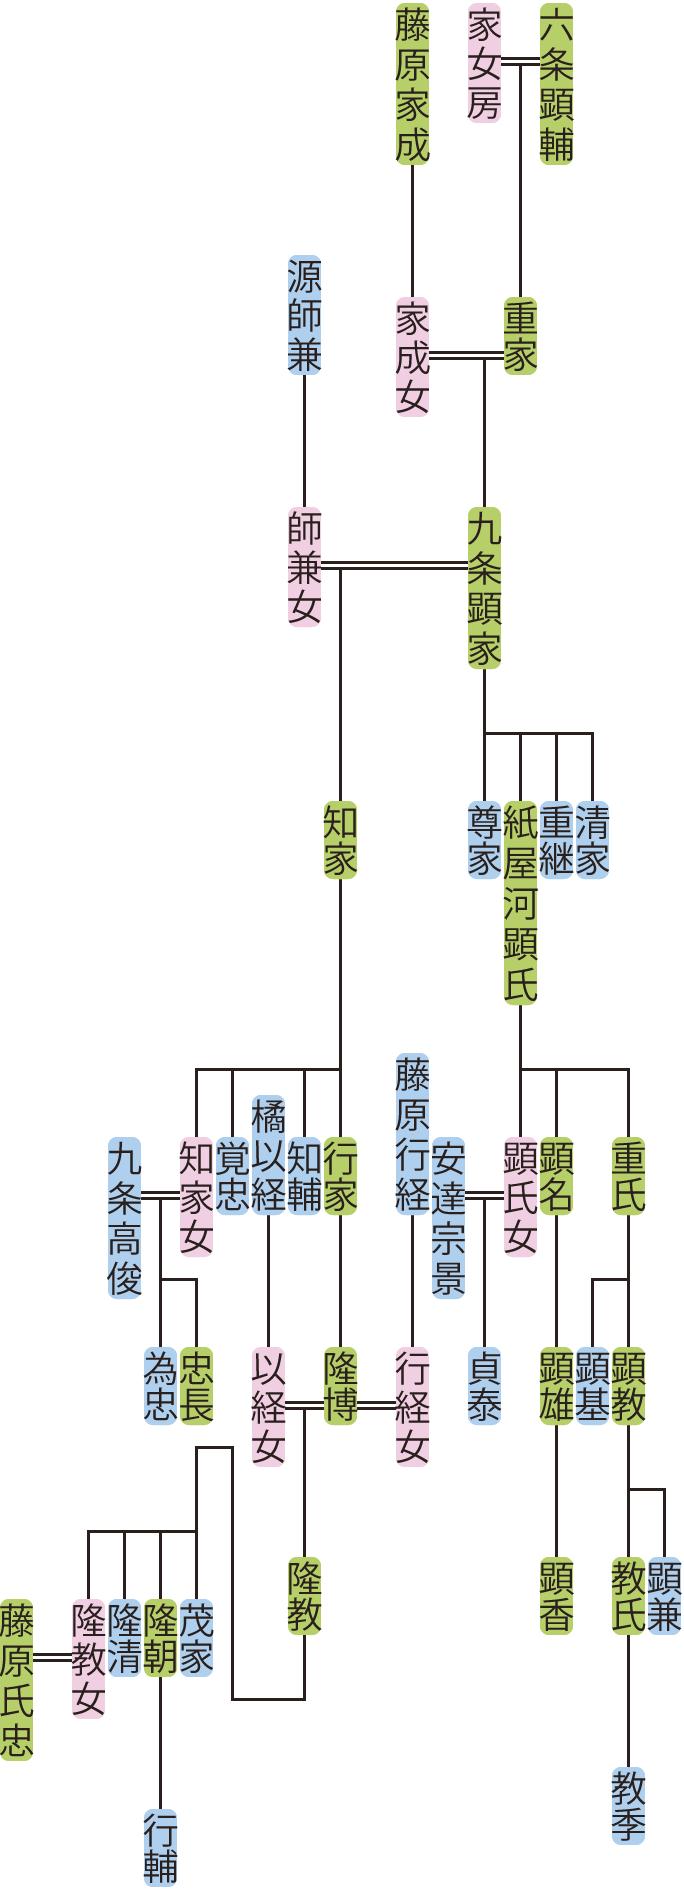 九条顕家の系図